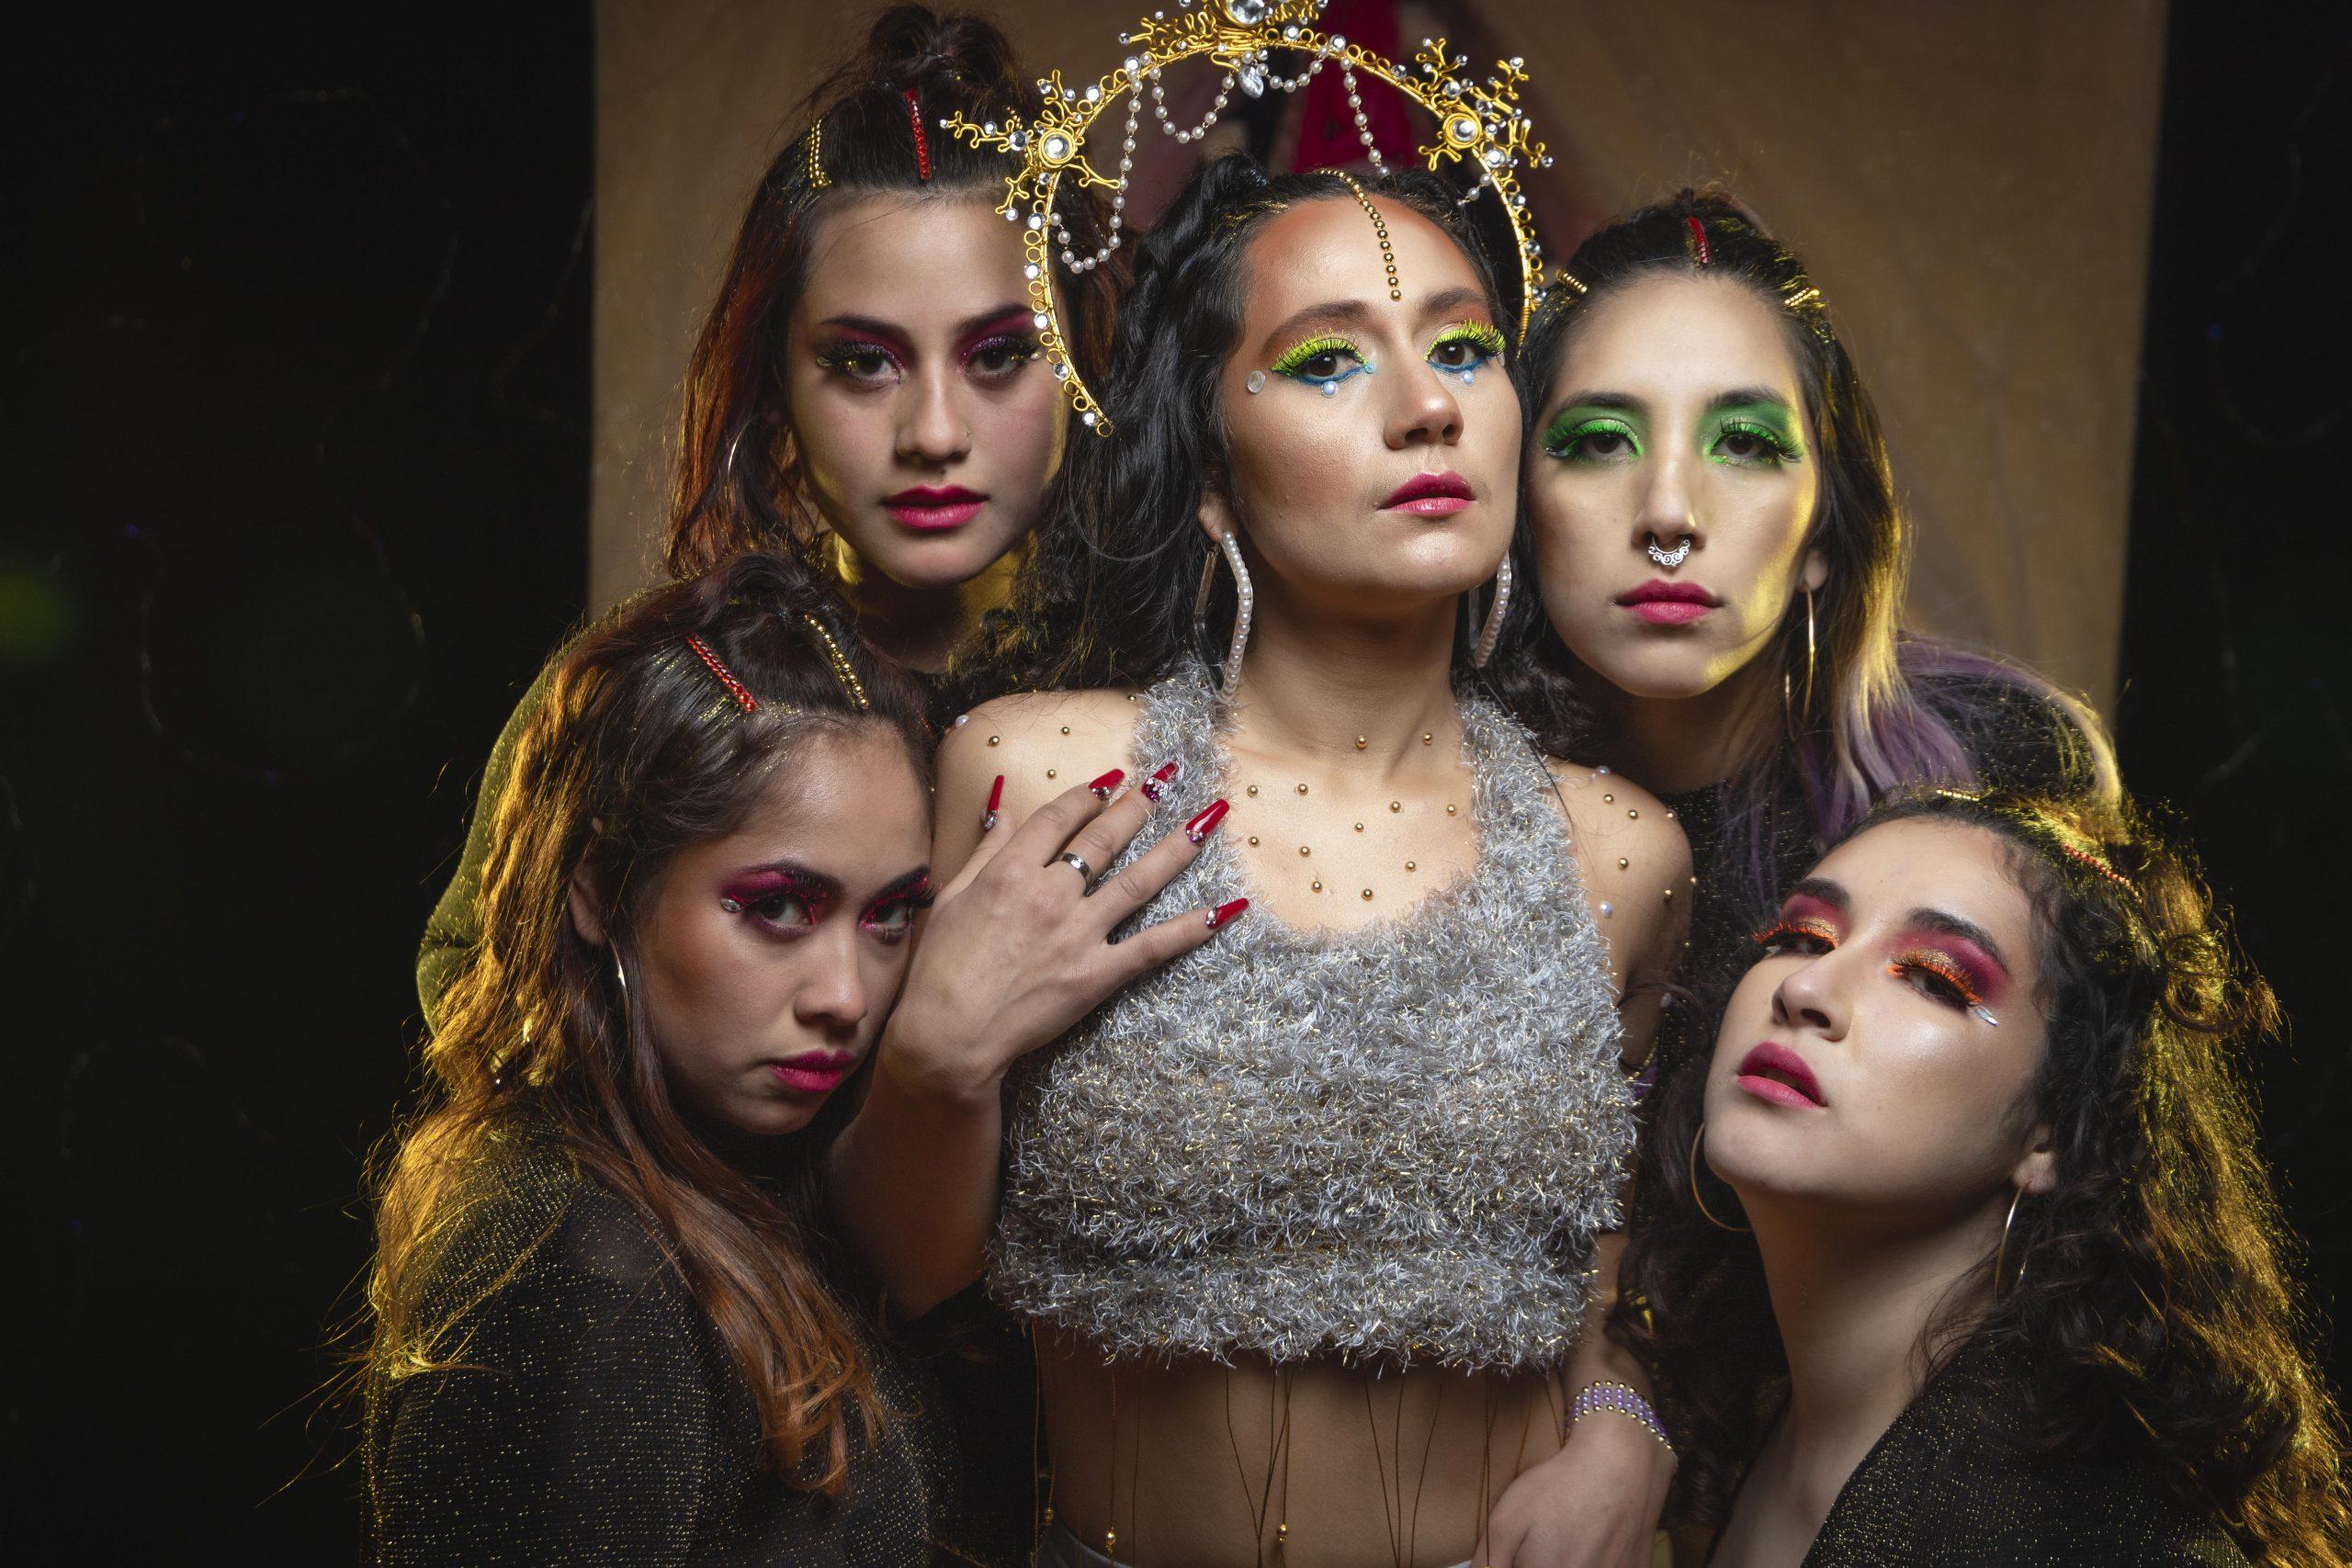 El feminismo isleño se toma calles, puertos e iglesias de Chiloé en el vibrante nuevo videoclip de Carolina Vivart